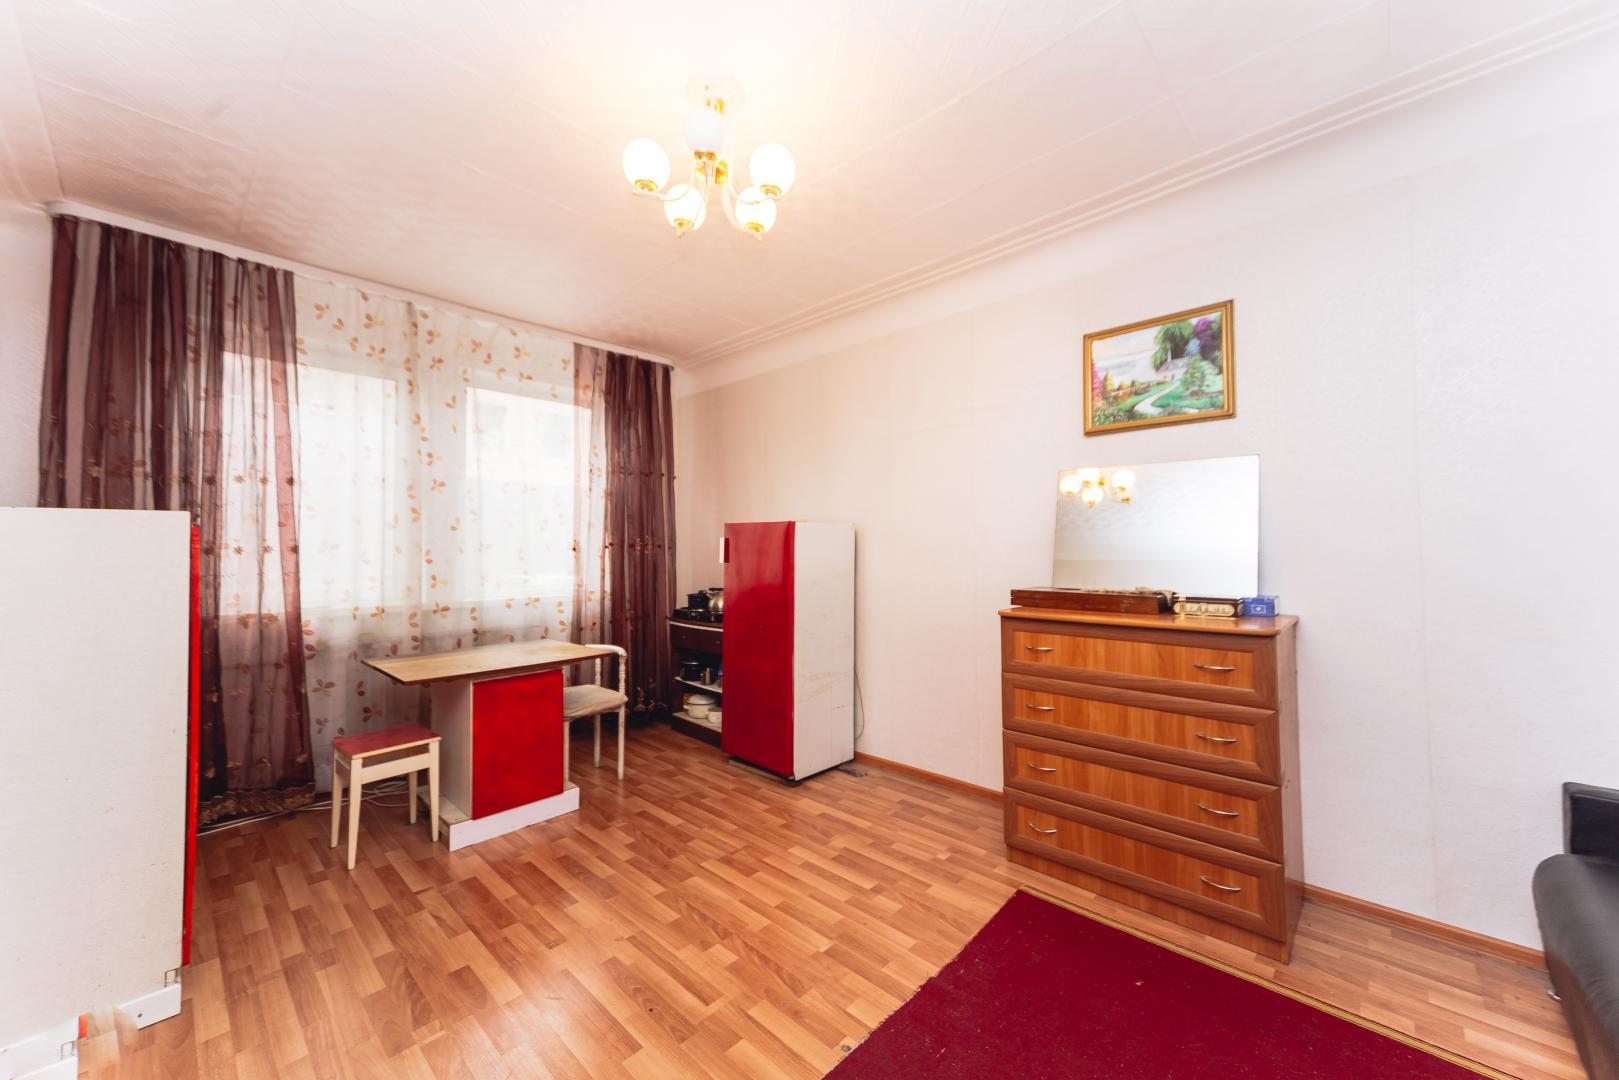 Стоимость квартиры в иркутске